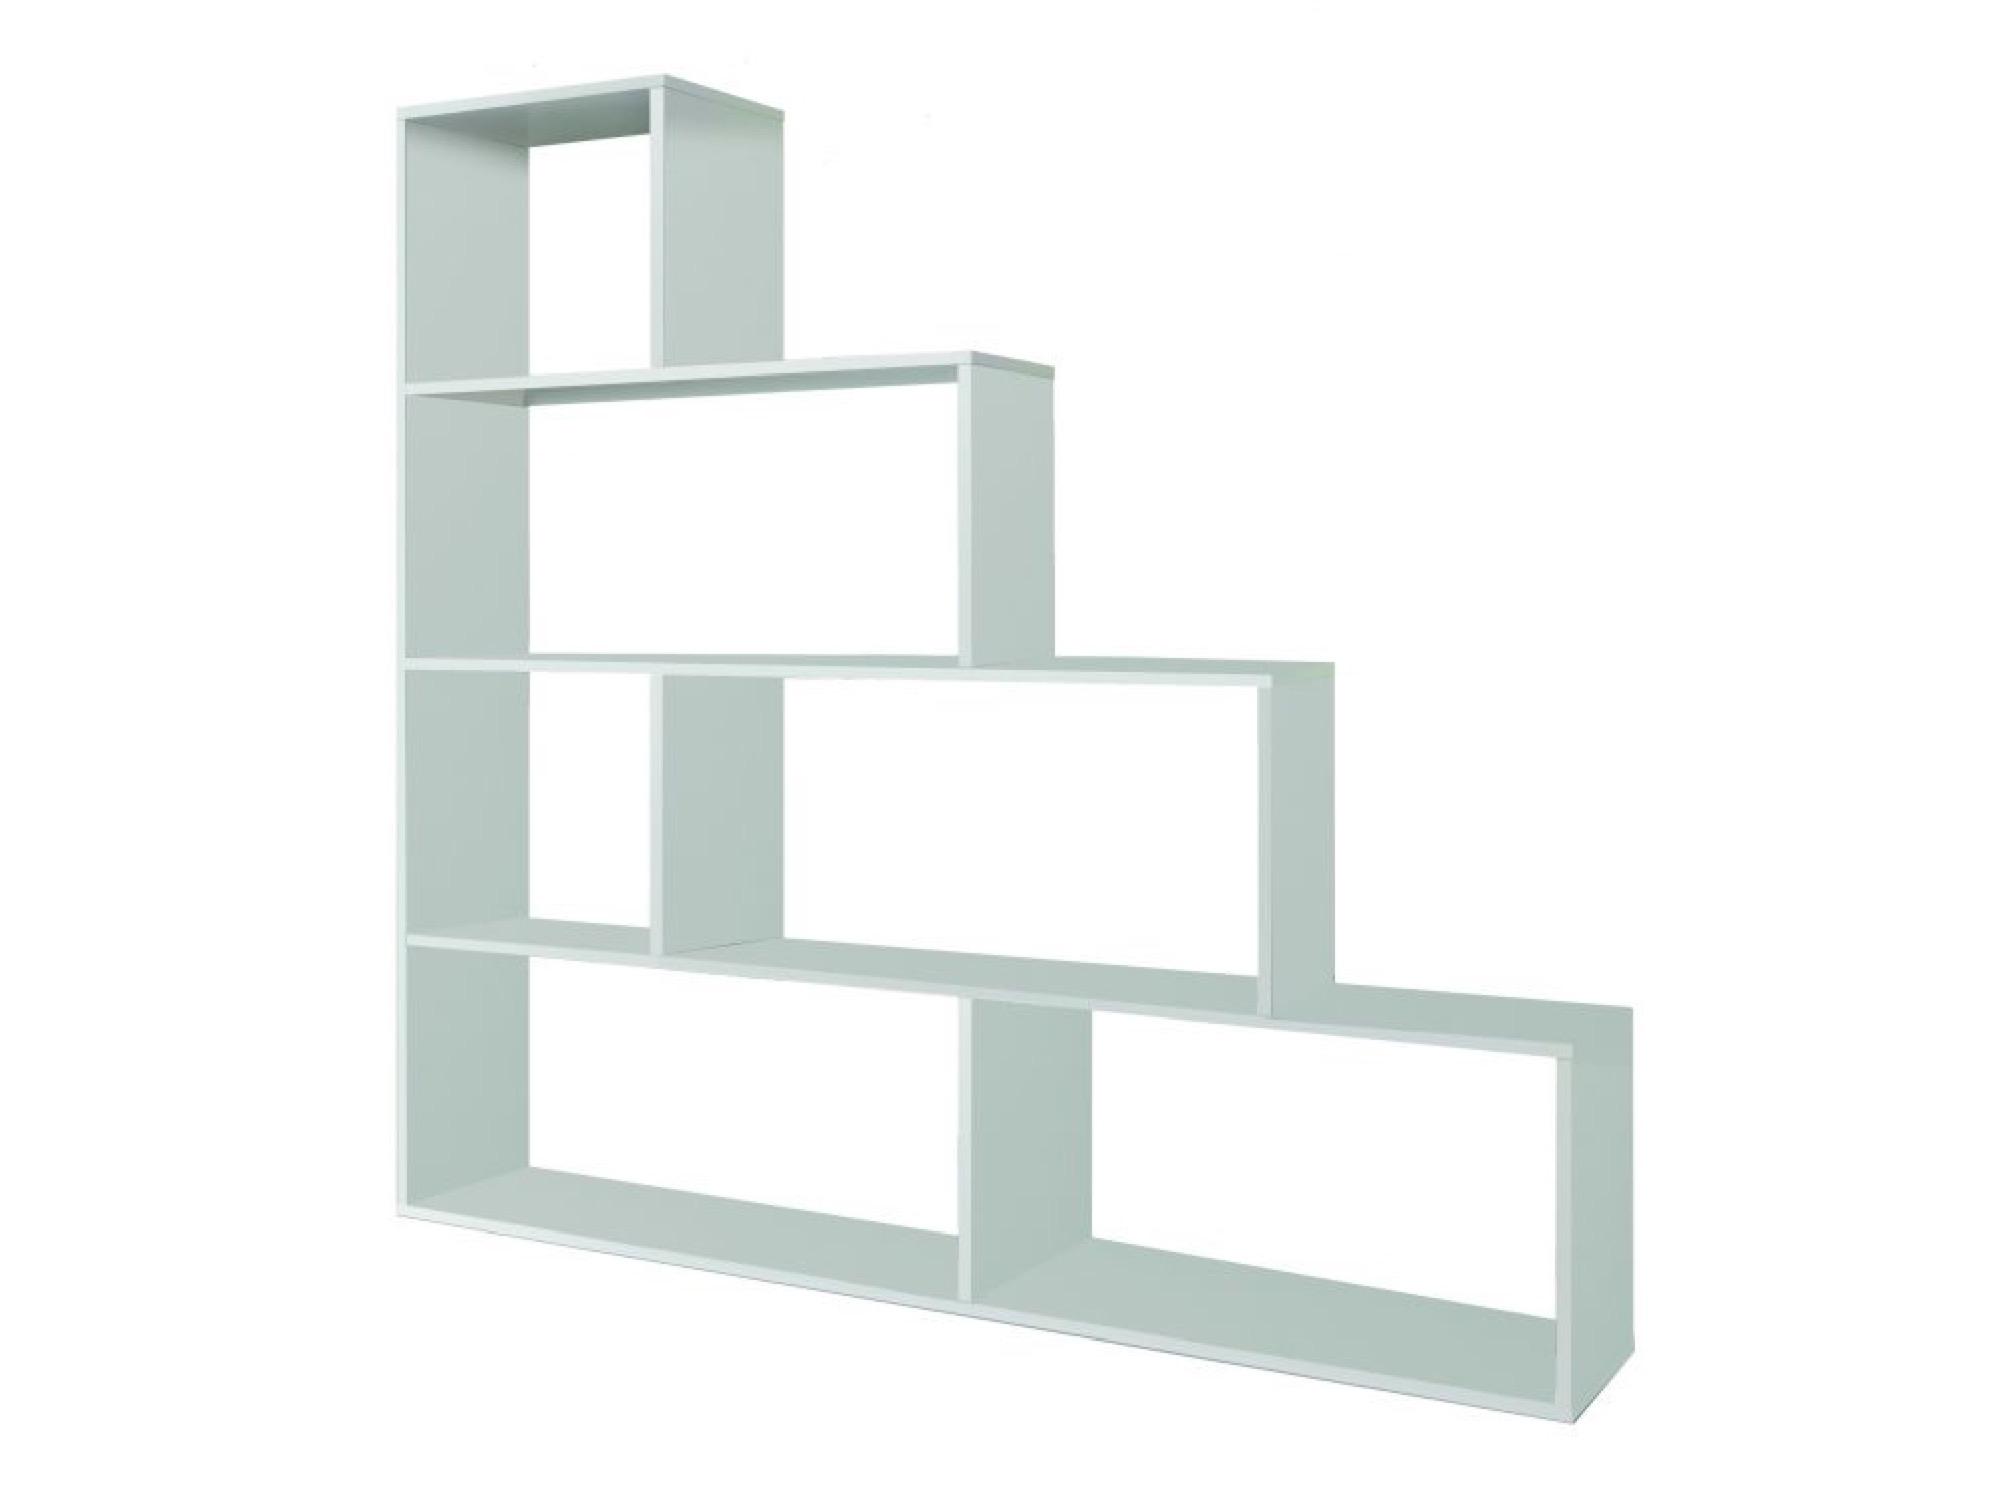 Étagère escalier blanche 7 cases L145cm x H145cm